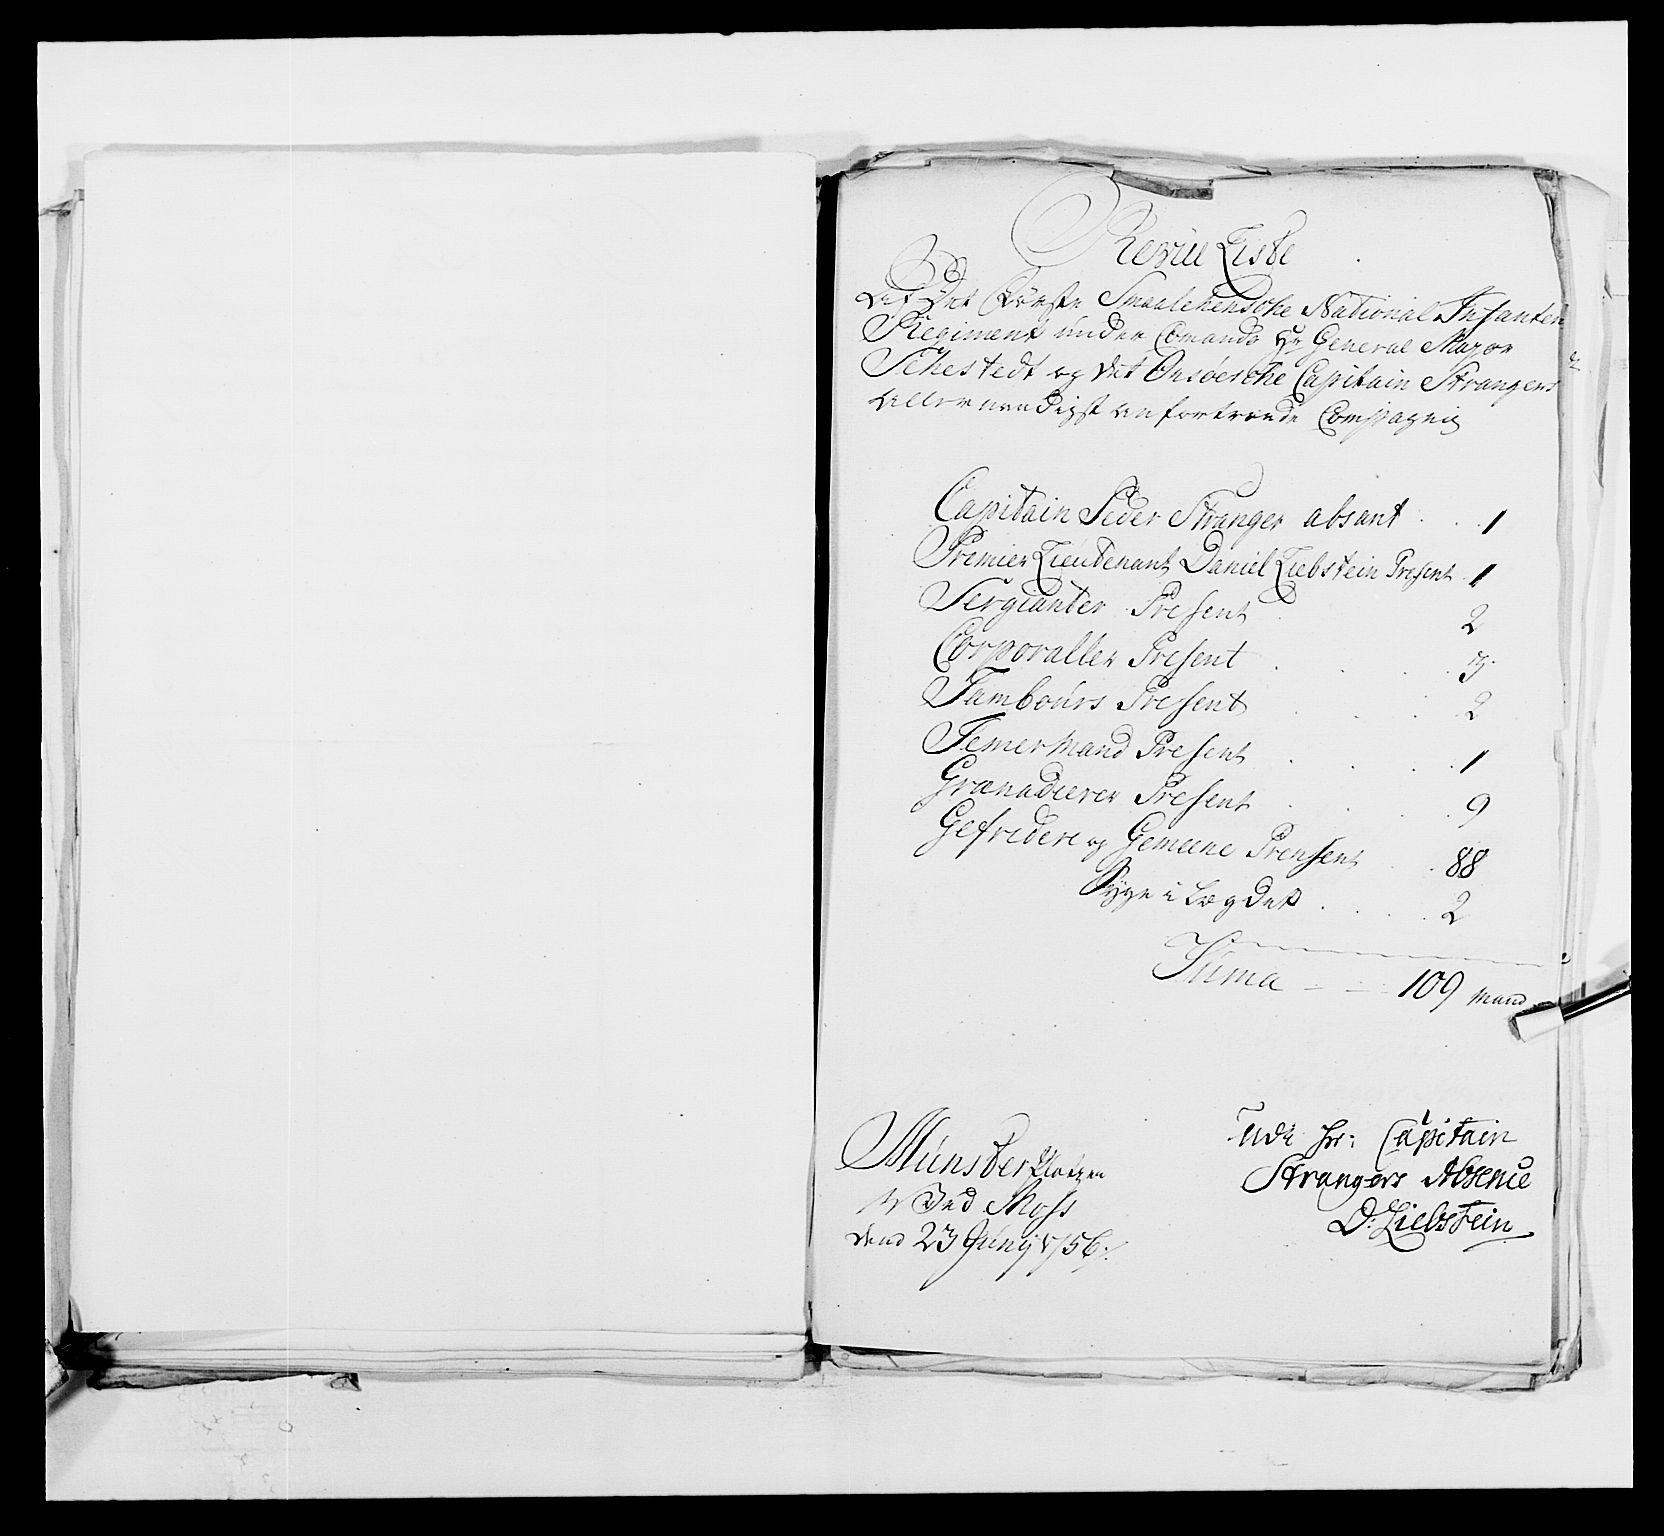 RA, Kommanderende general (KG I) med Det norske krigsdirektorium, E/Ea/L0495: 1. Smålenske regiment, 1732-1763, s. 612